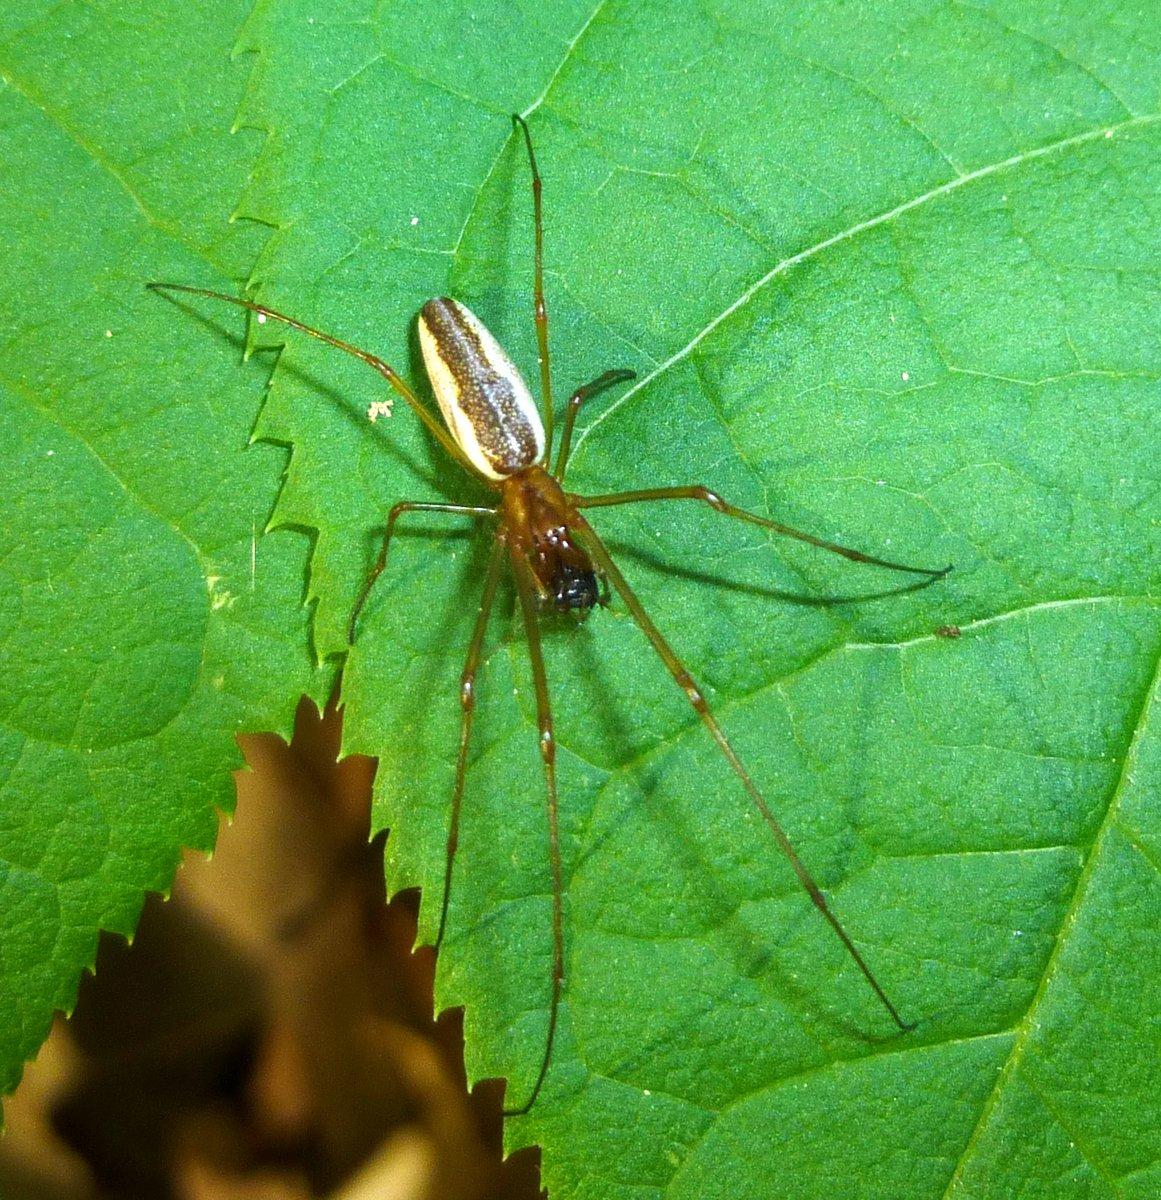 6. Spider